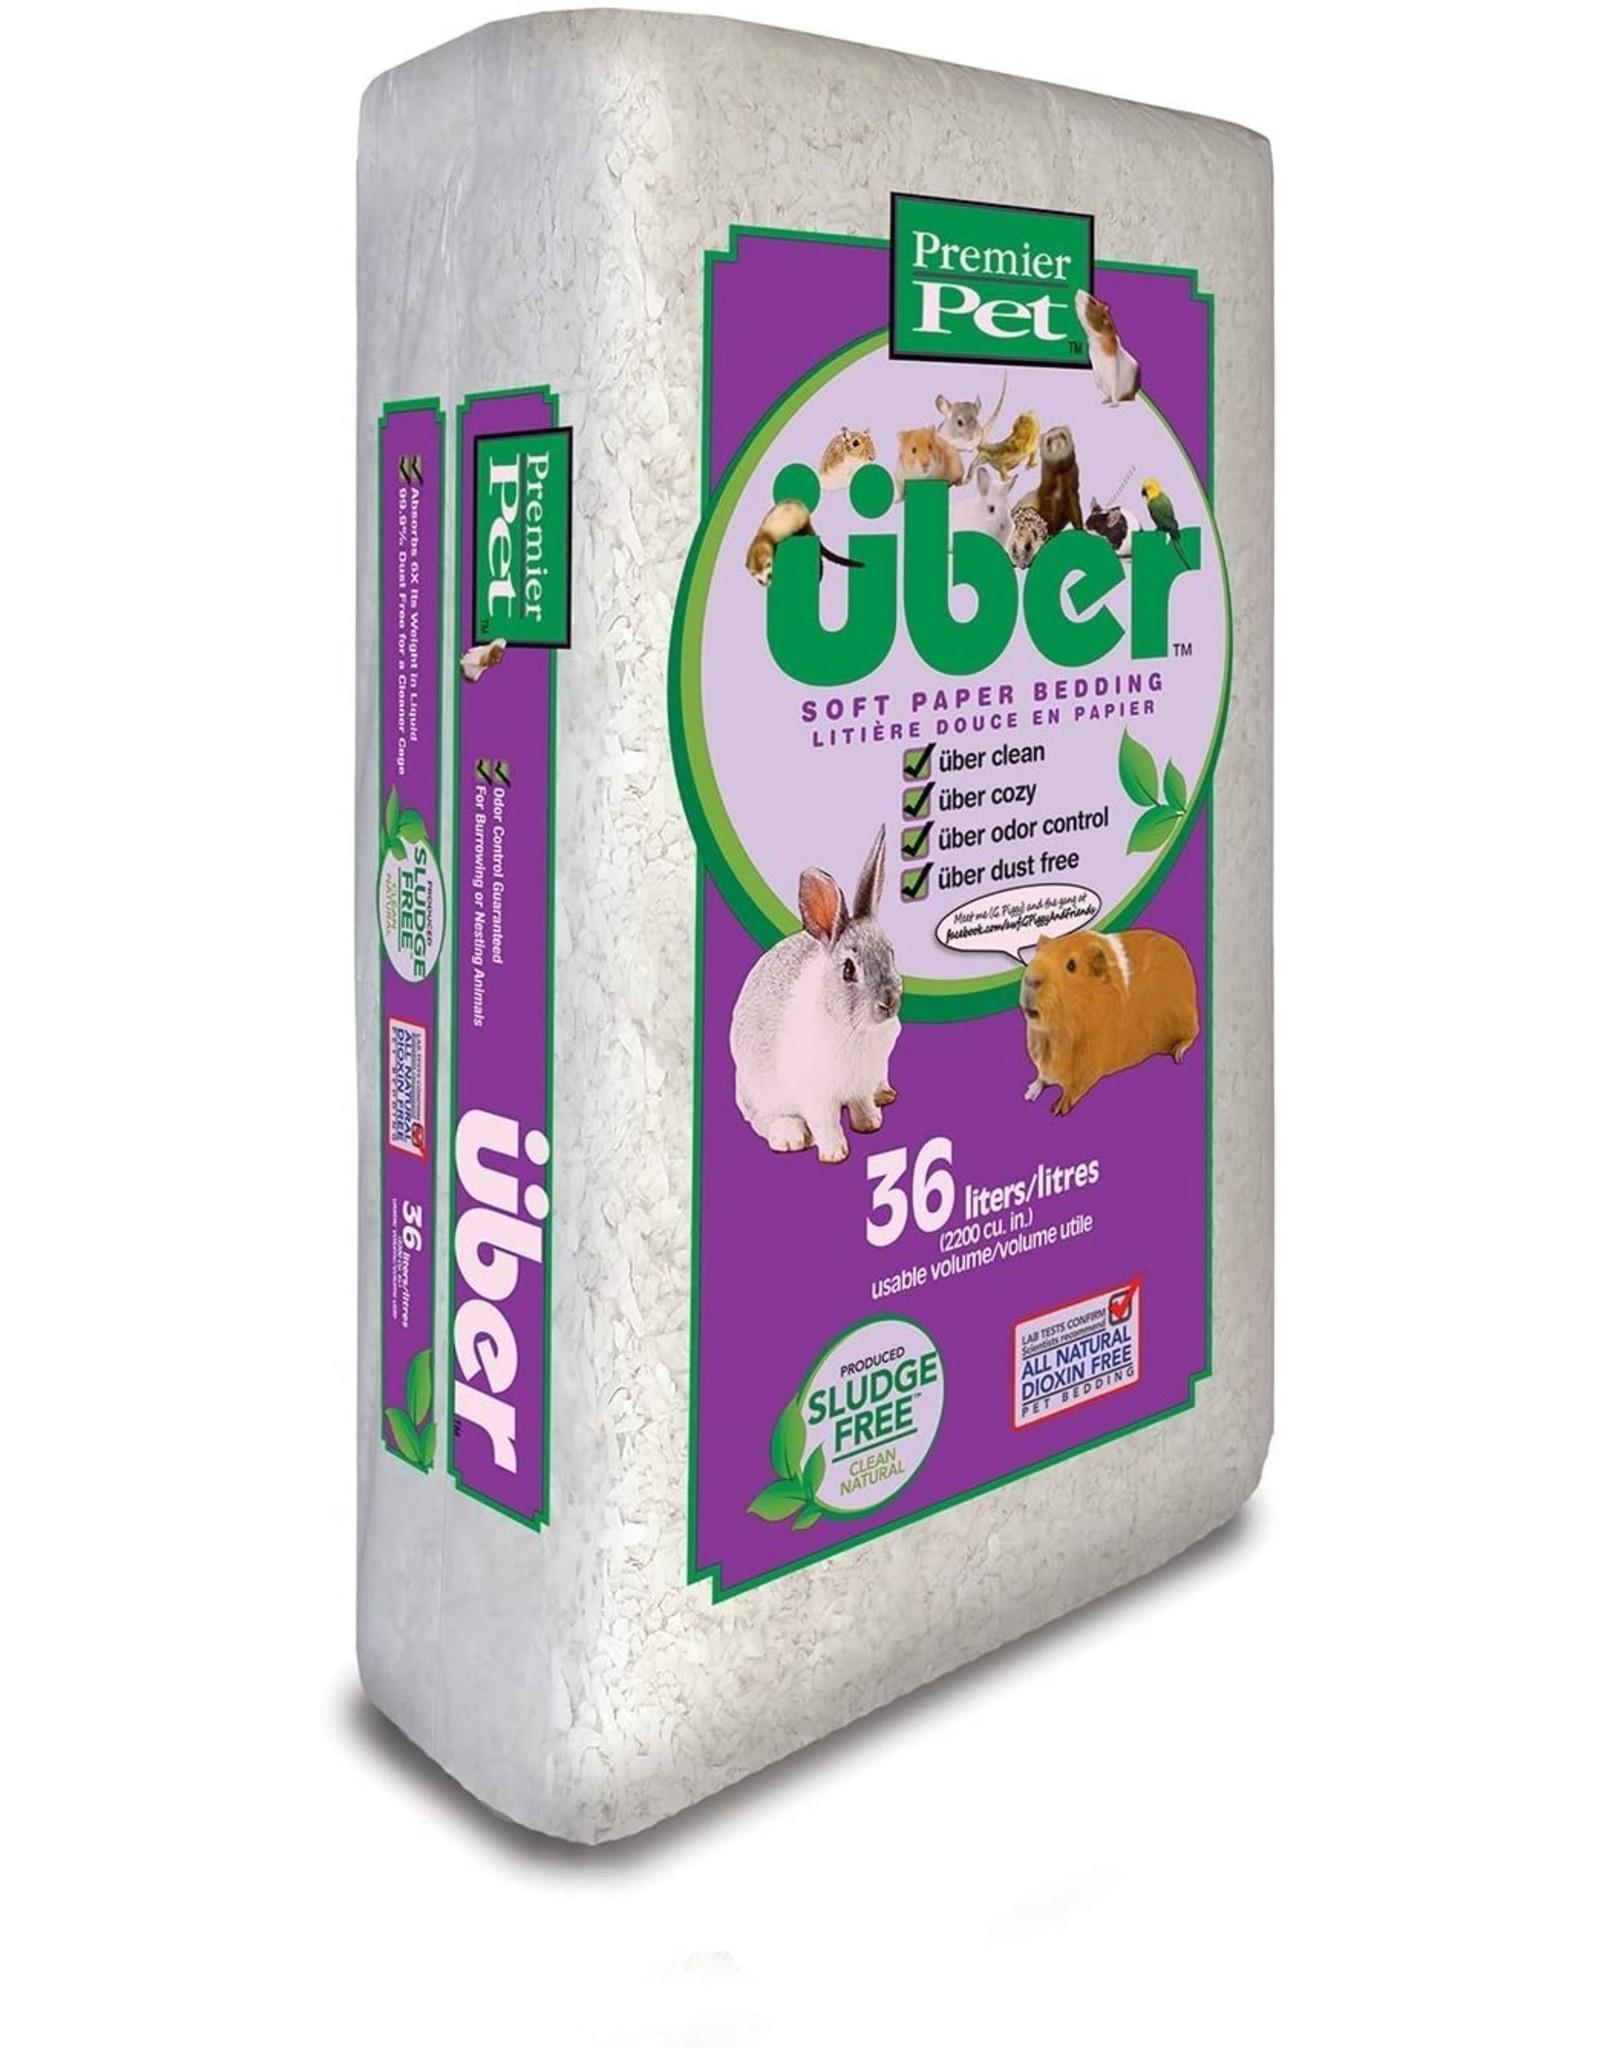 Uber UBER Soft Paper Bedding White